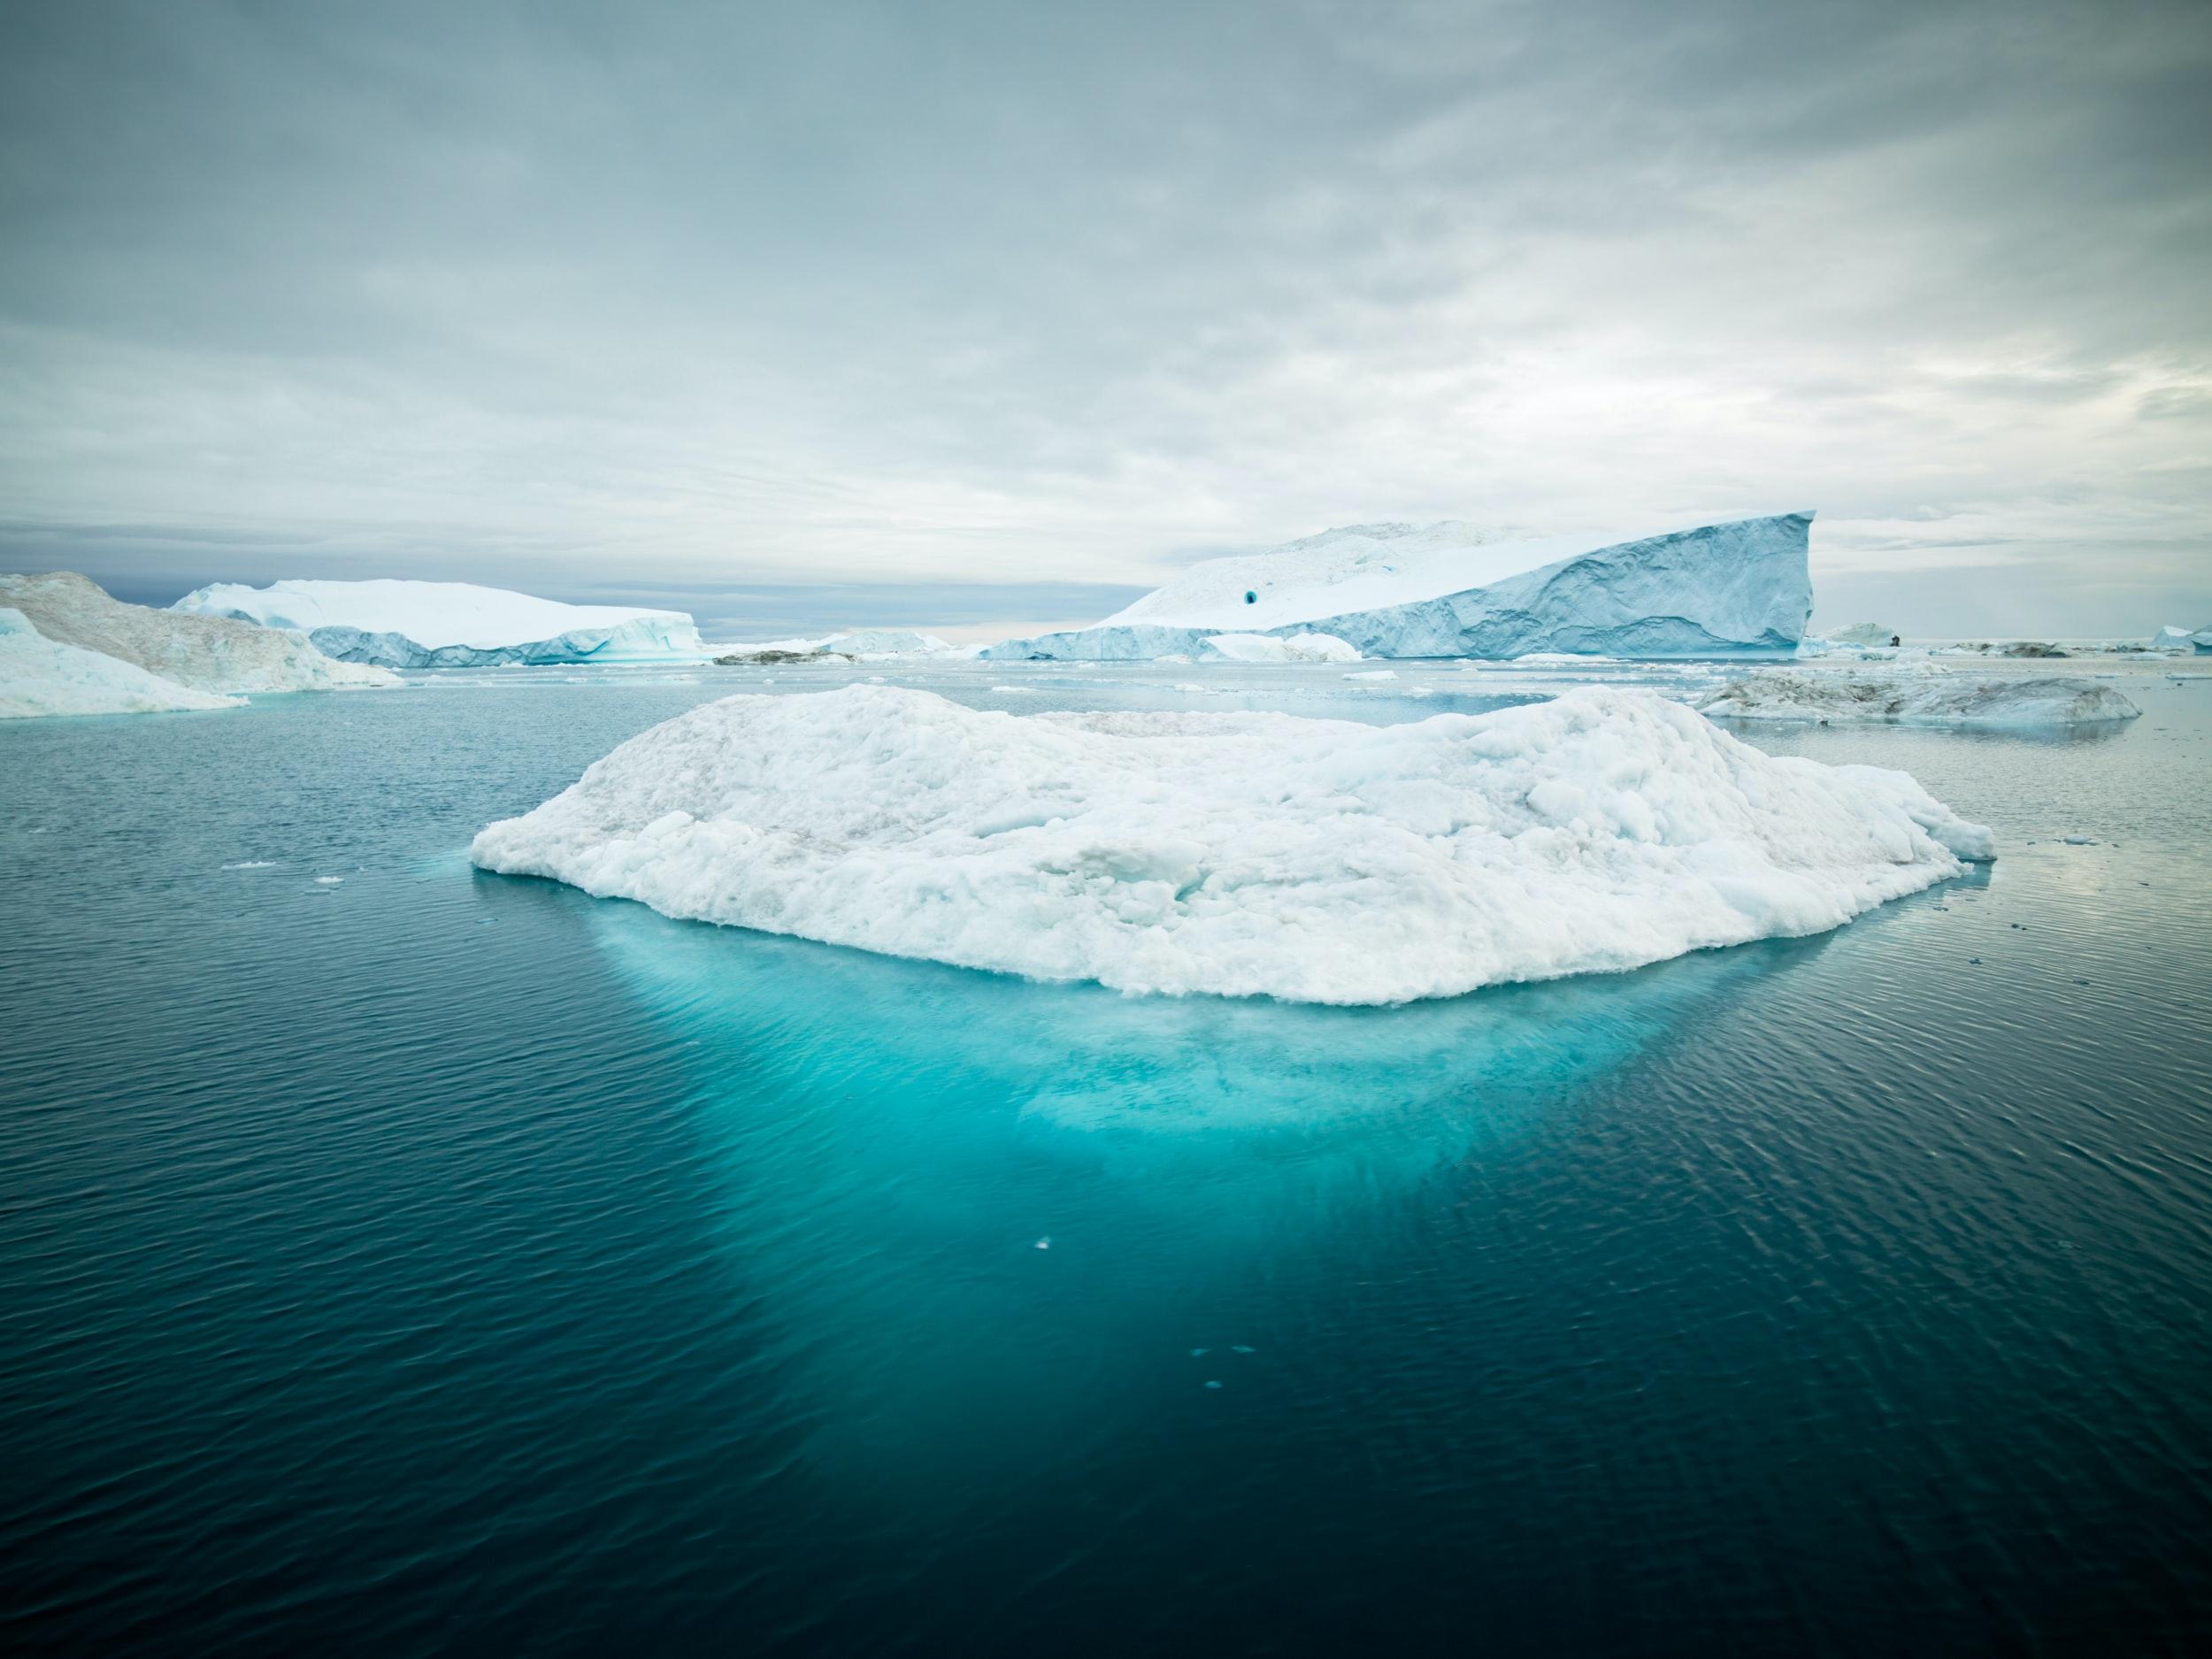 Récord de 38° de temperatura en el Ártico, advierte la OMM